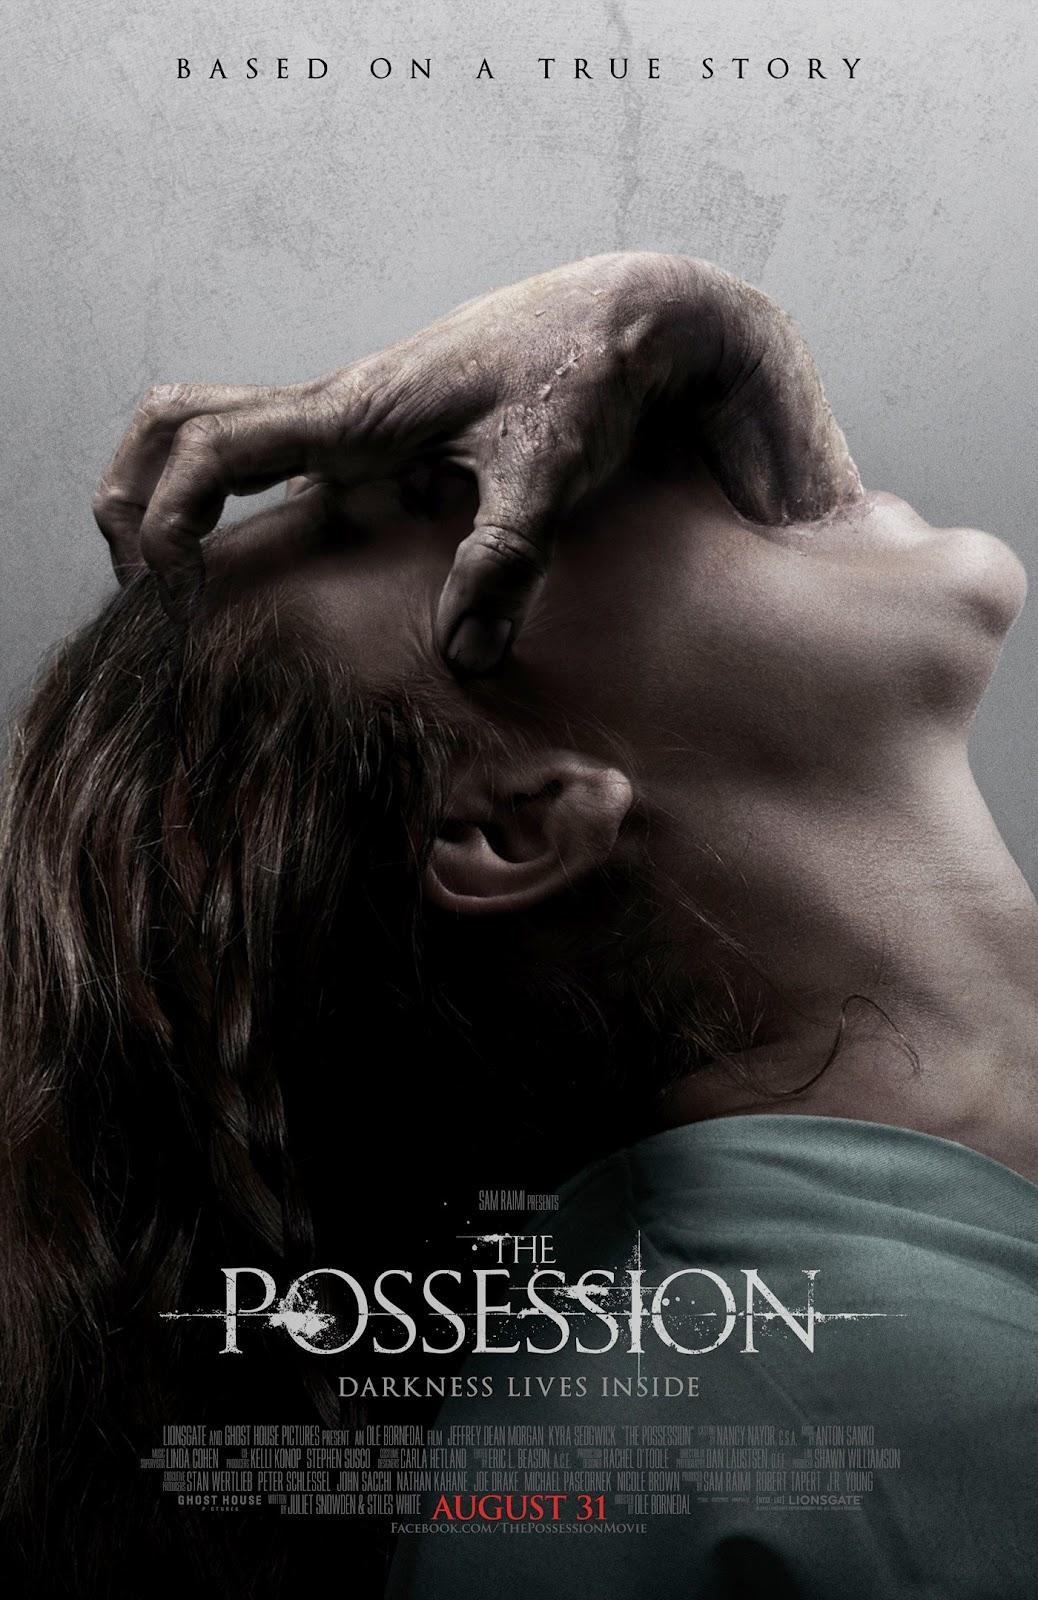 http://3.bp.blogspot.com/-5wRlWbgELdg/T6kHCWIXacI/AAAAAAAAFd8/SS7qx4Xkno8/s1600/The+Possession.jpg